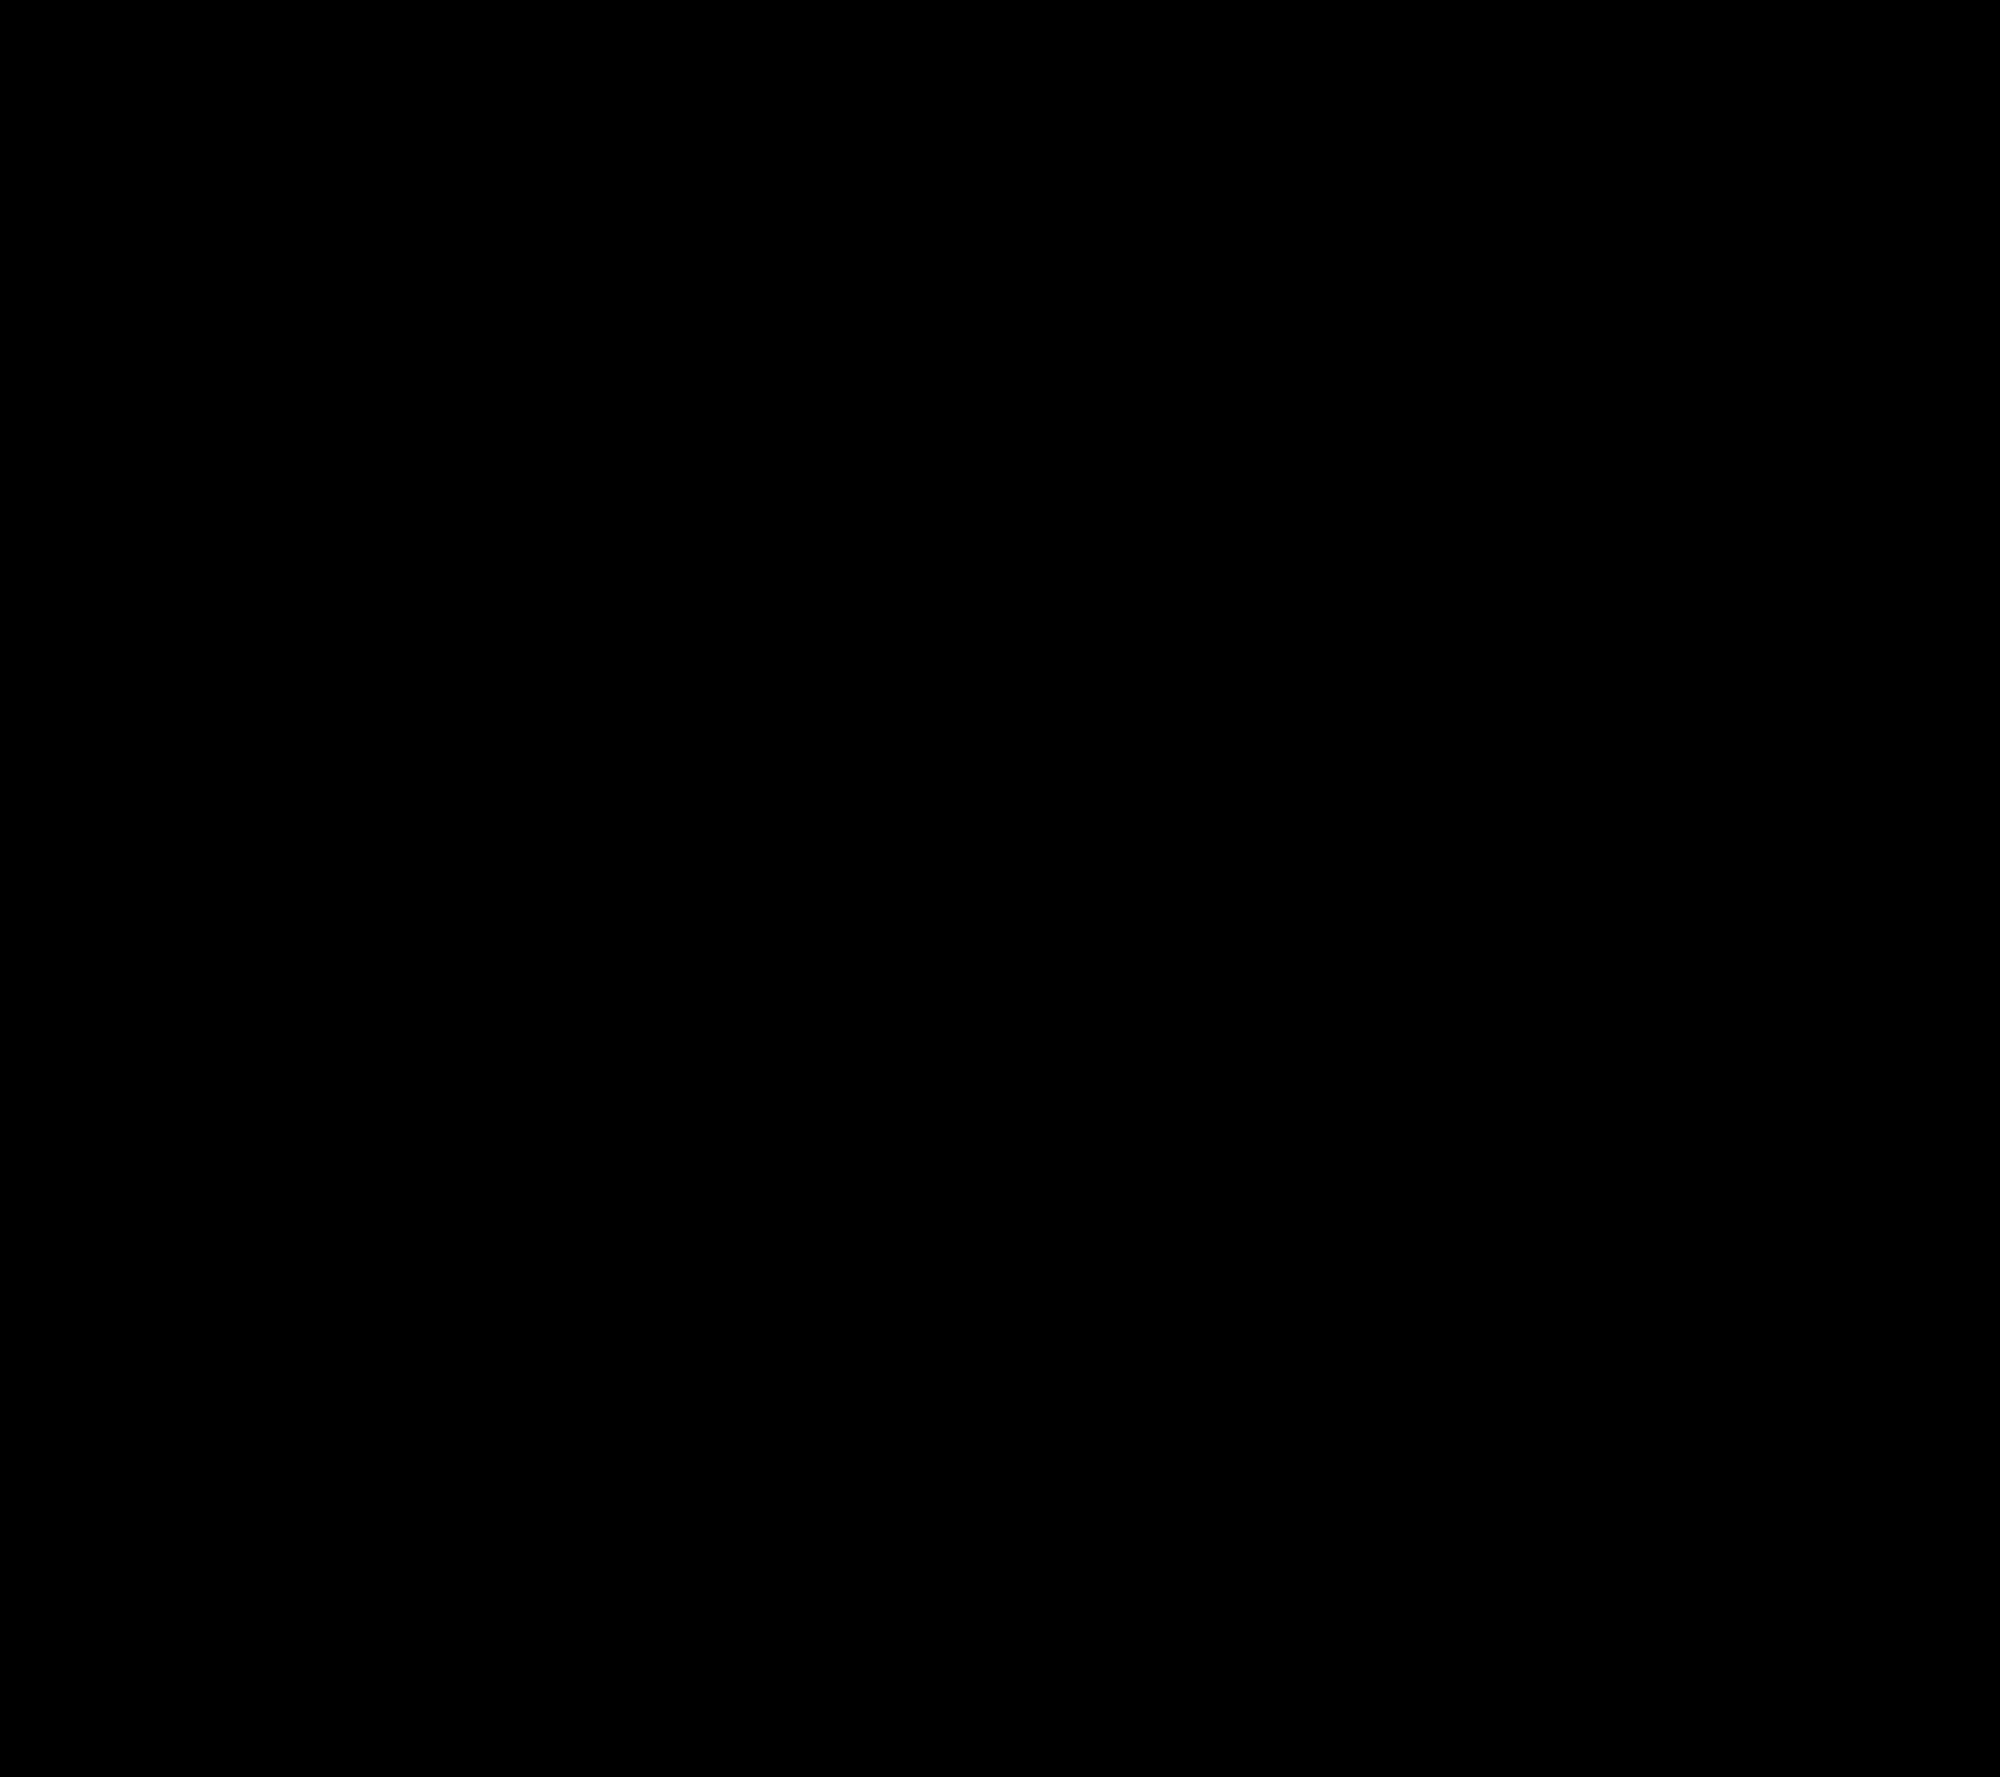 Hagesenter-logo-black.png